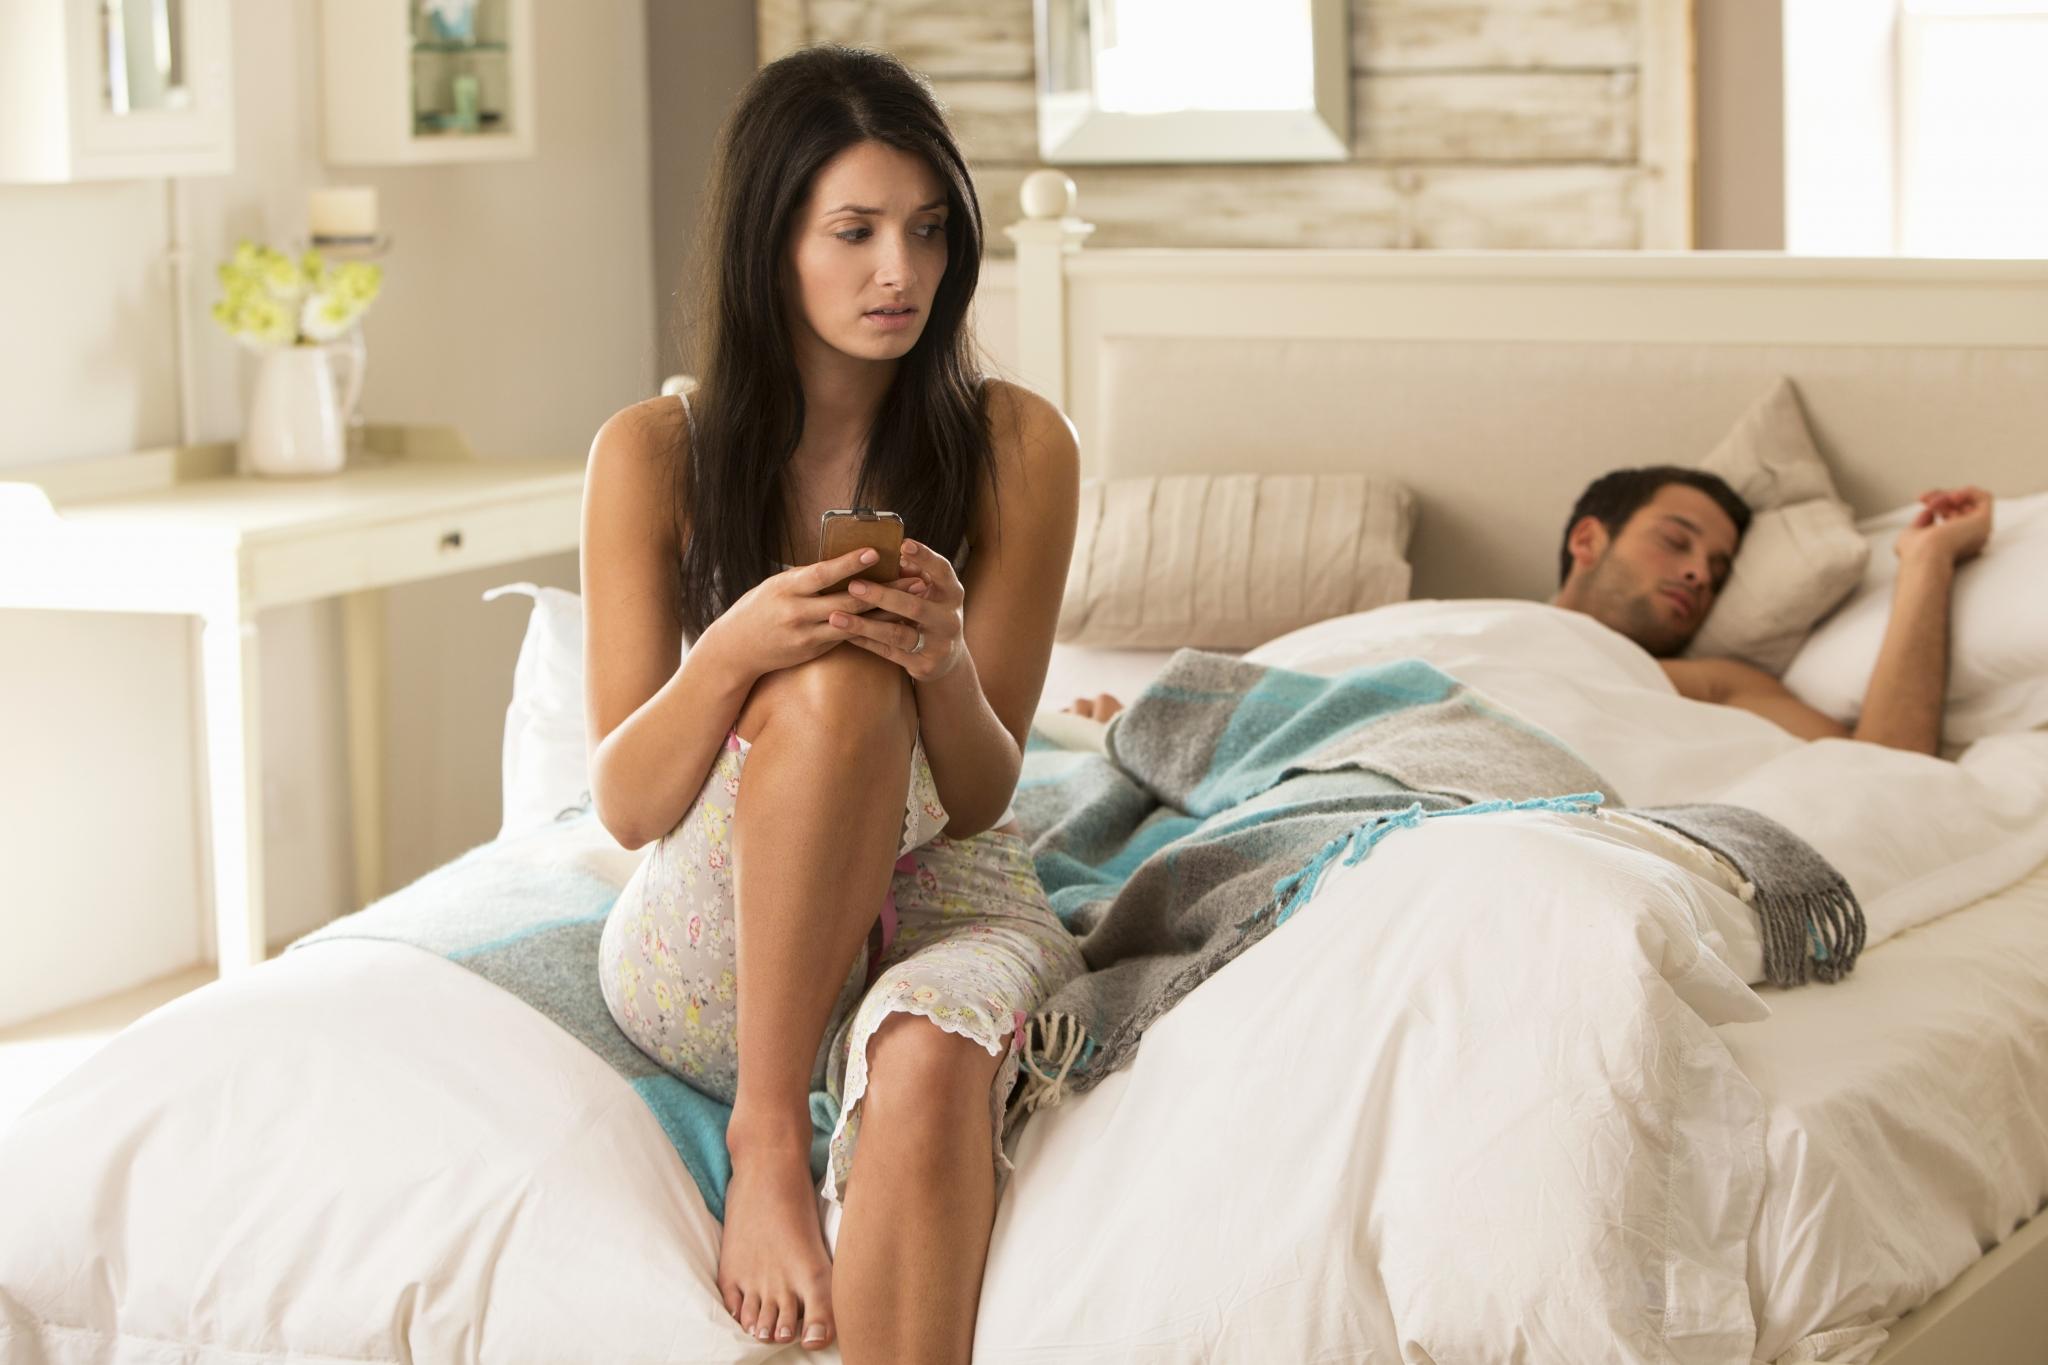 Жена и молодой человек видео